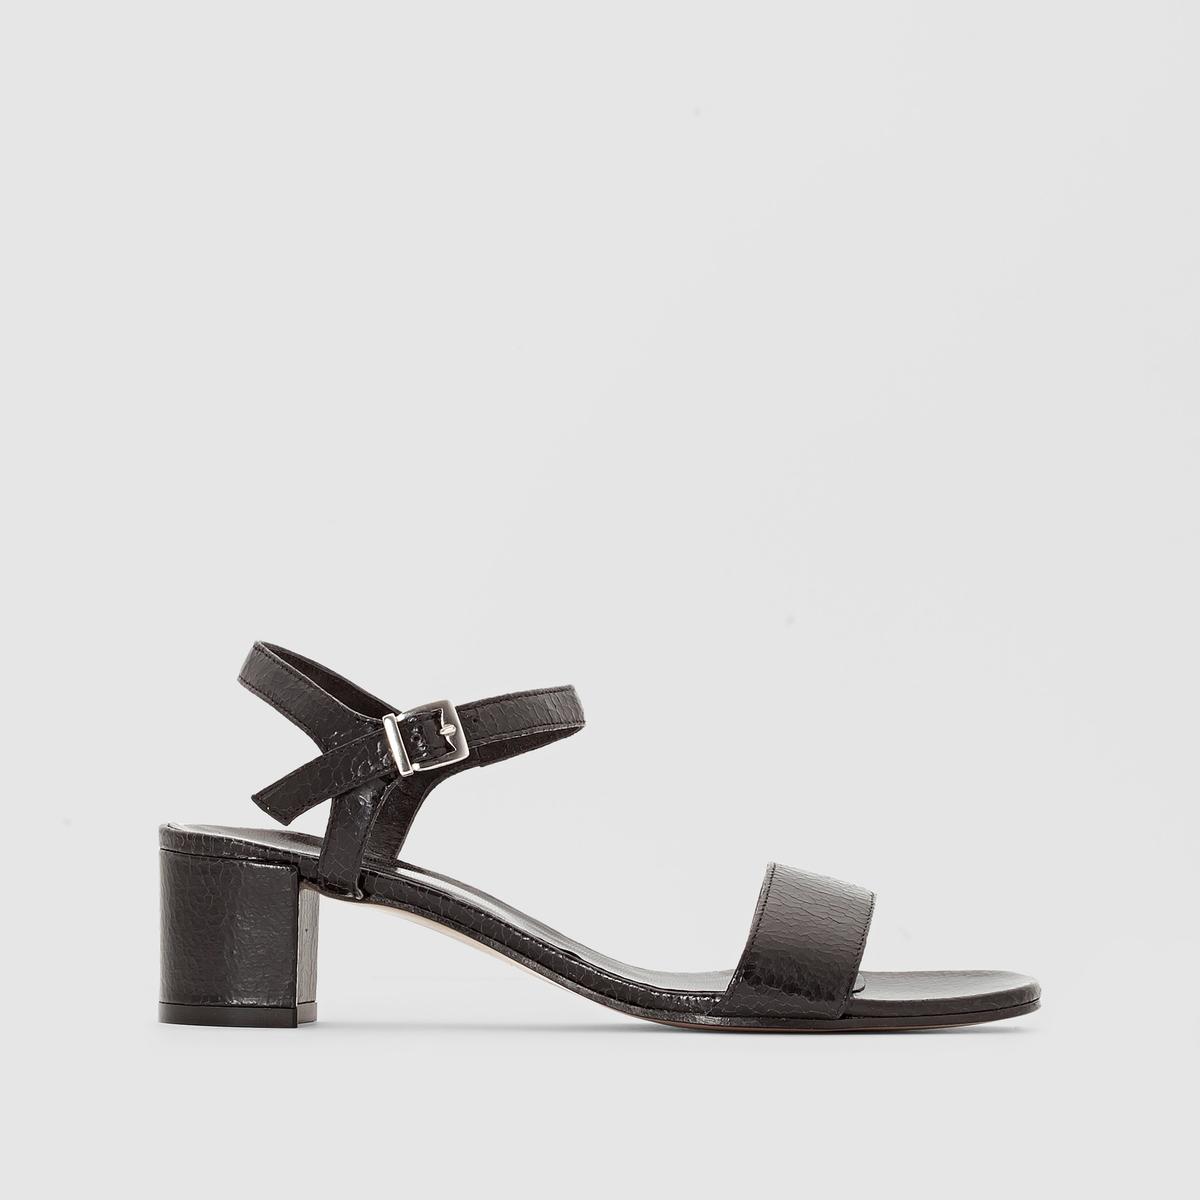 Босоножки кожаные ELIZABETH STUART SIMОтличная мягкая и нежная кожа, отделка под рептилию, модная и изящная модельформа сочетает черты городской и женской обуви, идеальный каблук : покупайте, не задумываясь, эту модель и носите ее с любой одеждой этим летом !<br><br>Цвет: черный<br>Размер: 41